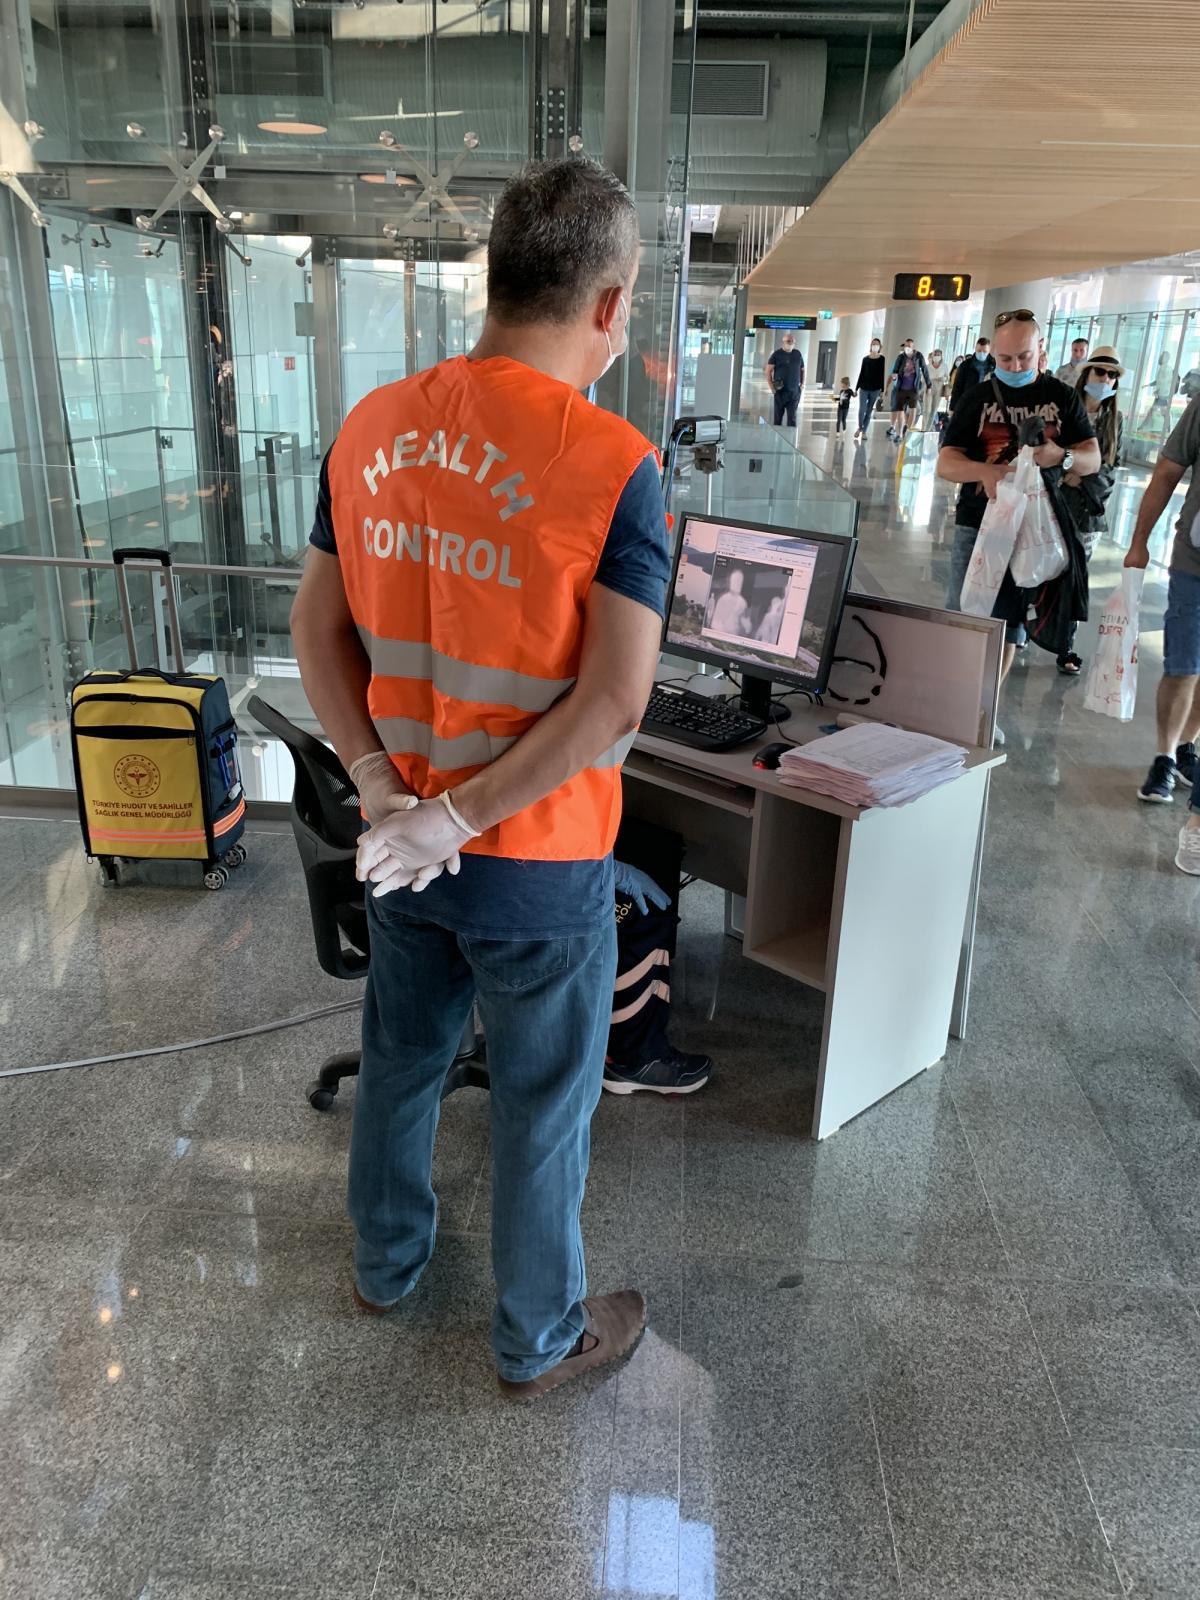 Мониторинг пассажиров в аэропорту «Даламан»